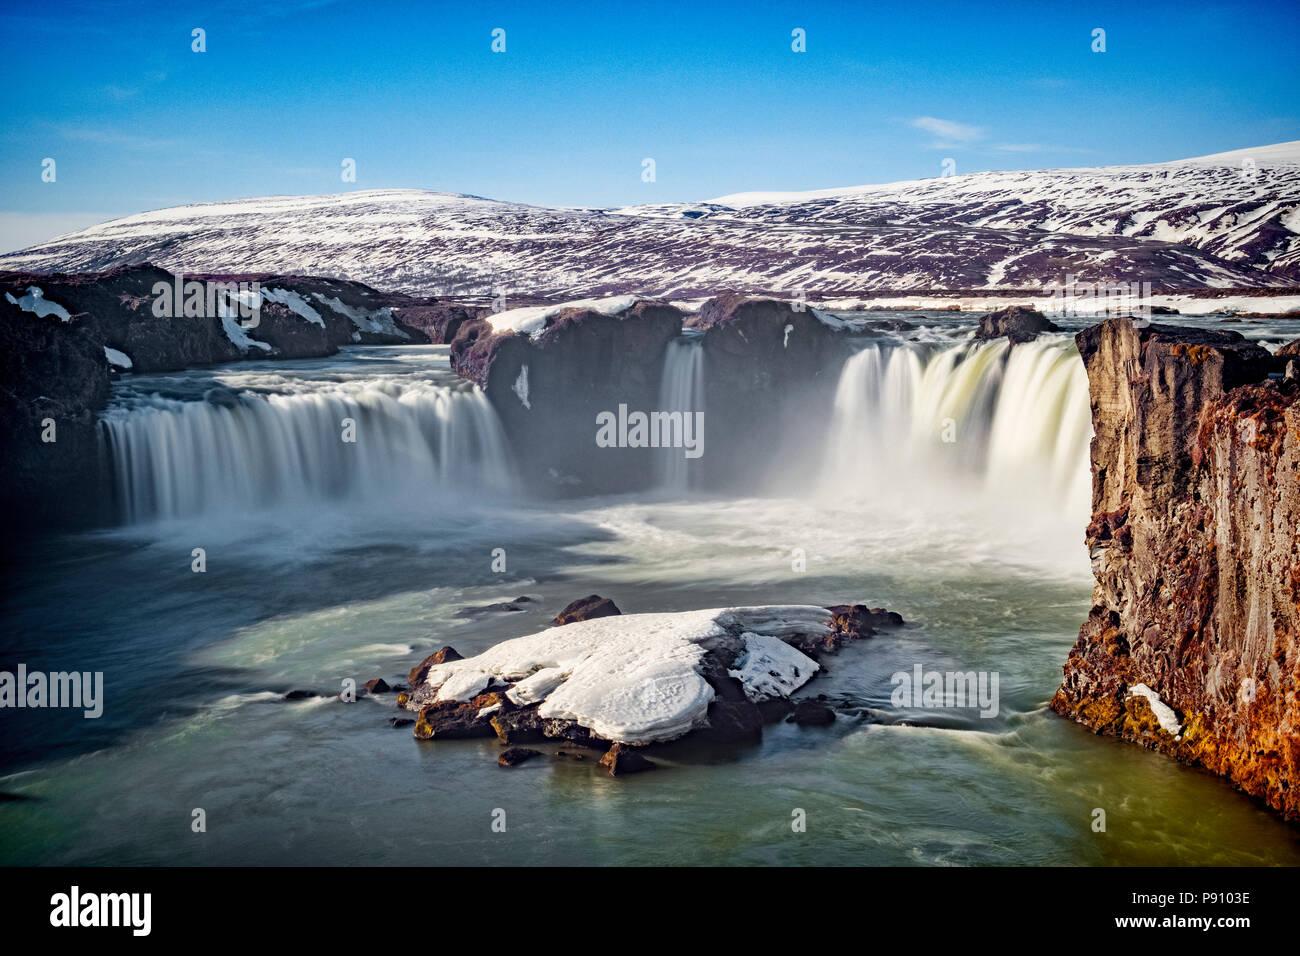 Godafoss, der Wasserfall der Götter, eine große Touristenattraktion in Island. Stockbild